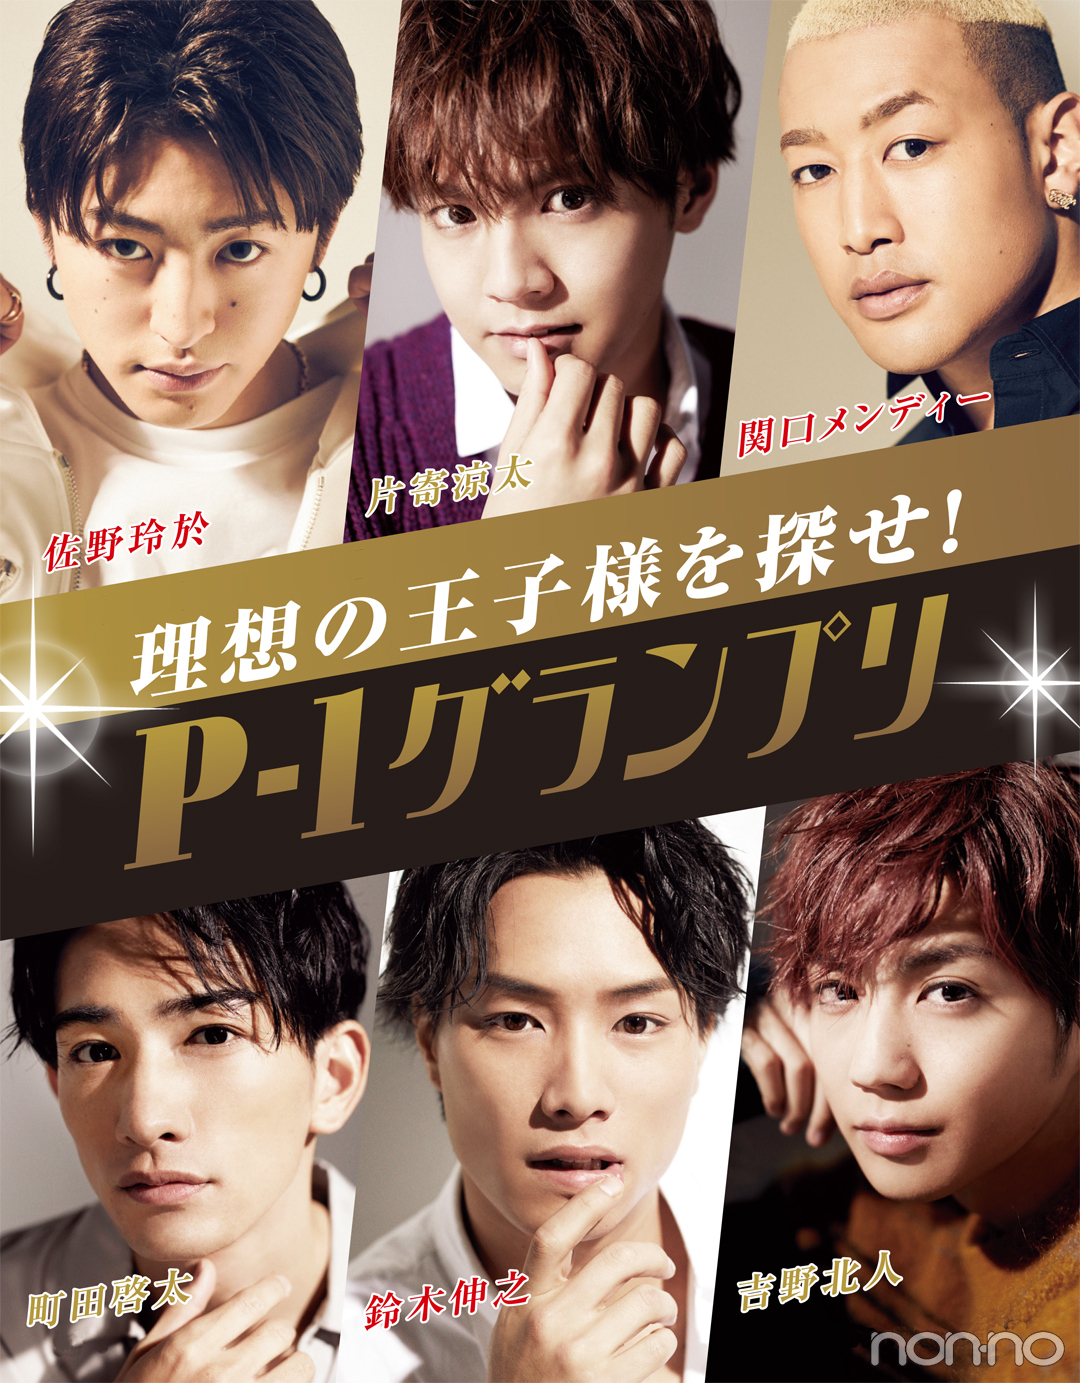 イケメン大渋滞♥ 映画『PRINCE OF LEGEND 』の王子たちがノンノ誌上で対決!_1_1